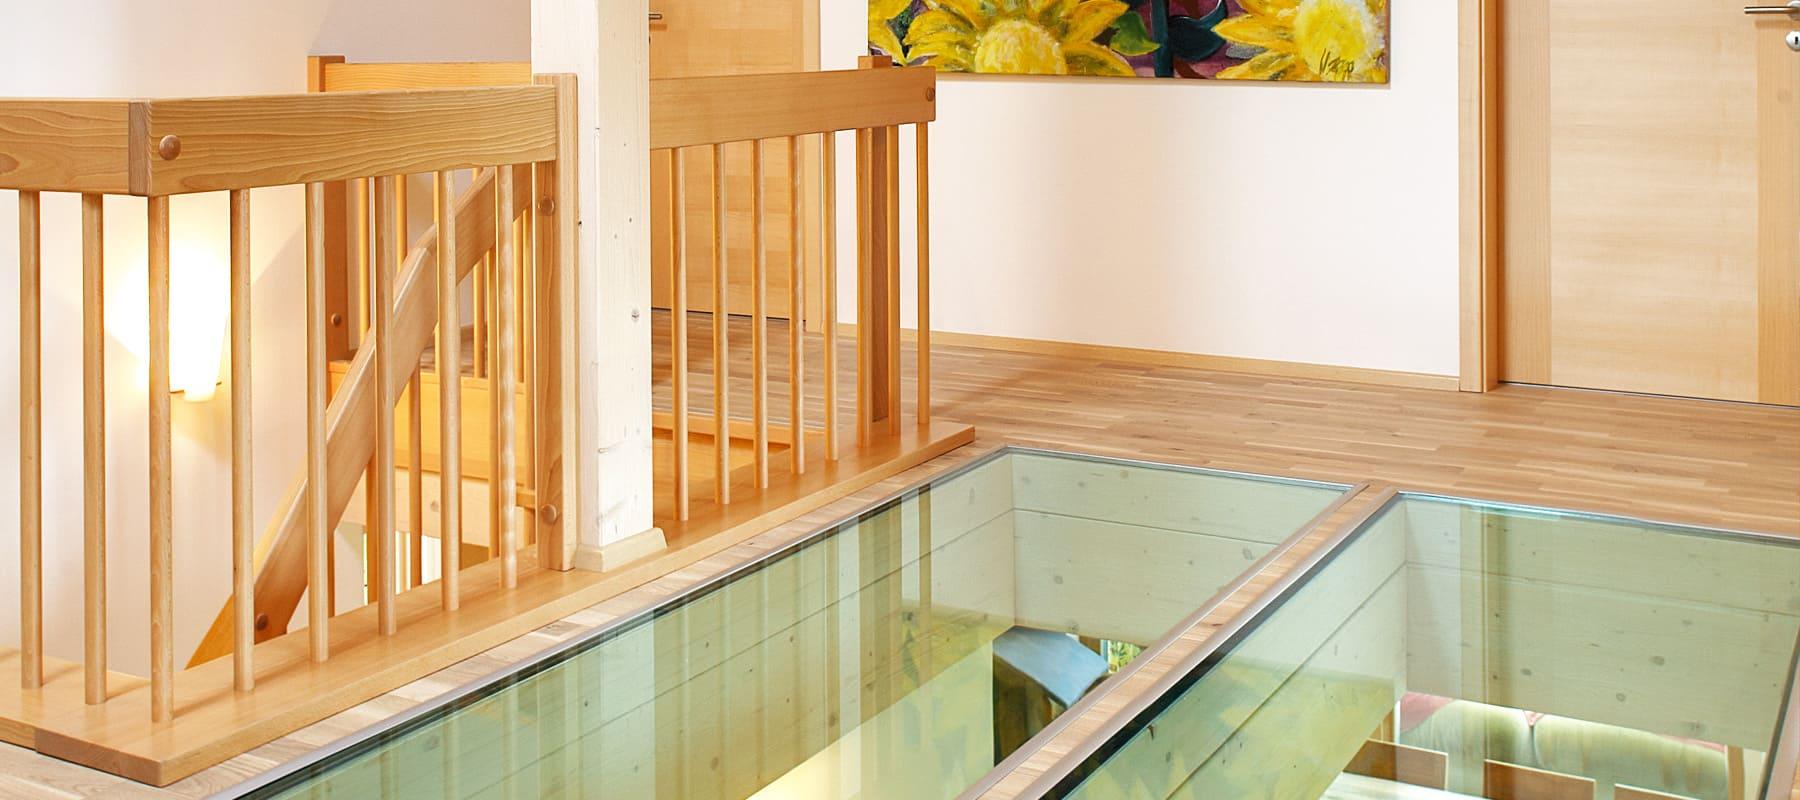 Kundenhaus Hever - Bauen Sie Ihr Holzhaus, Passivhaus ...